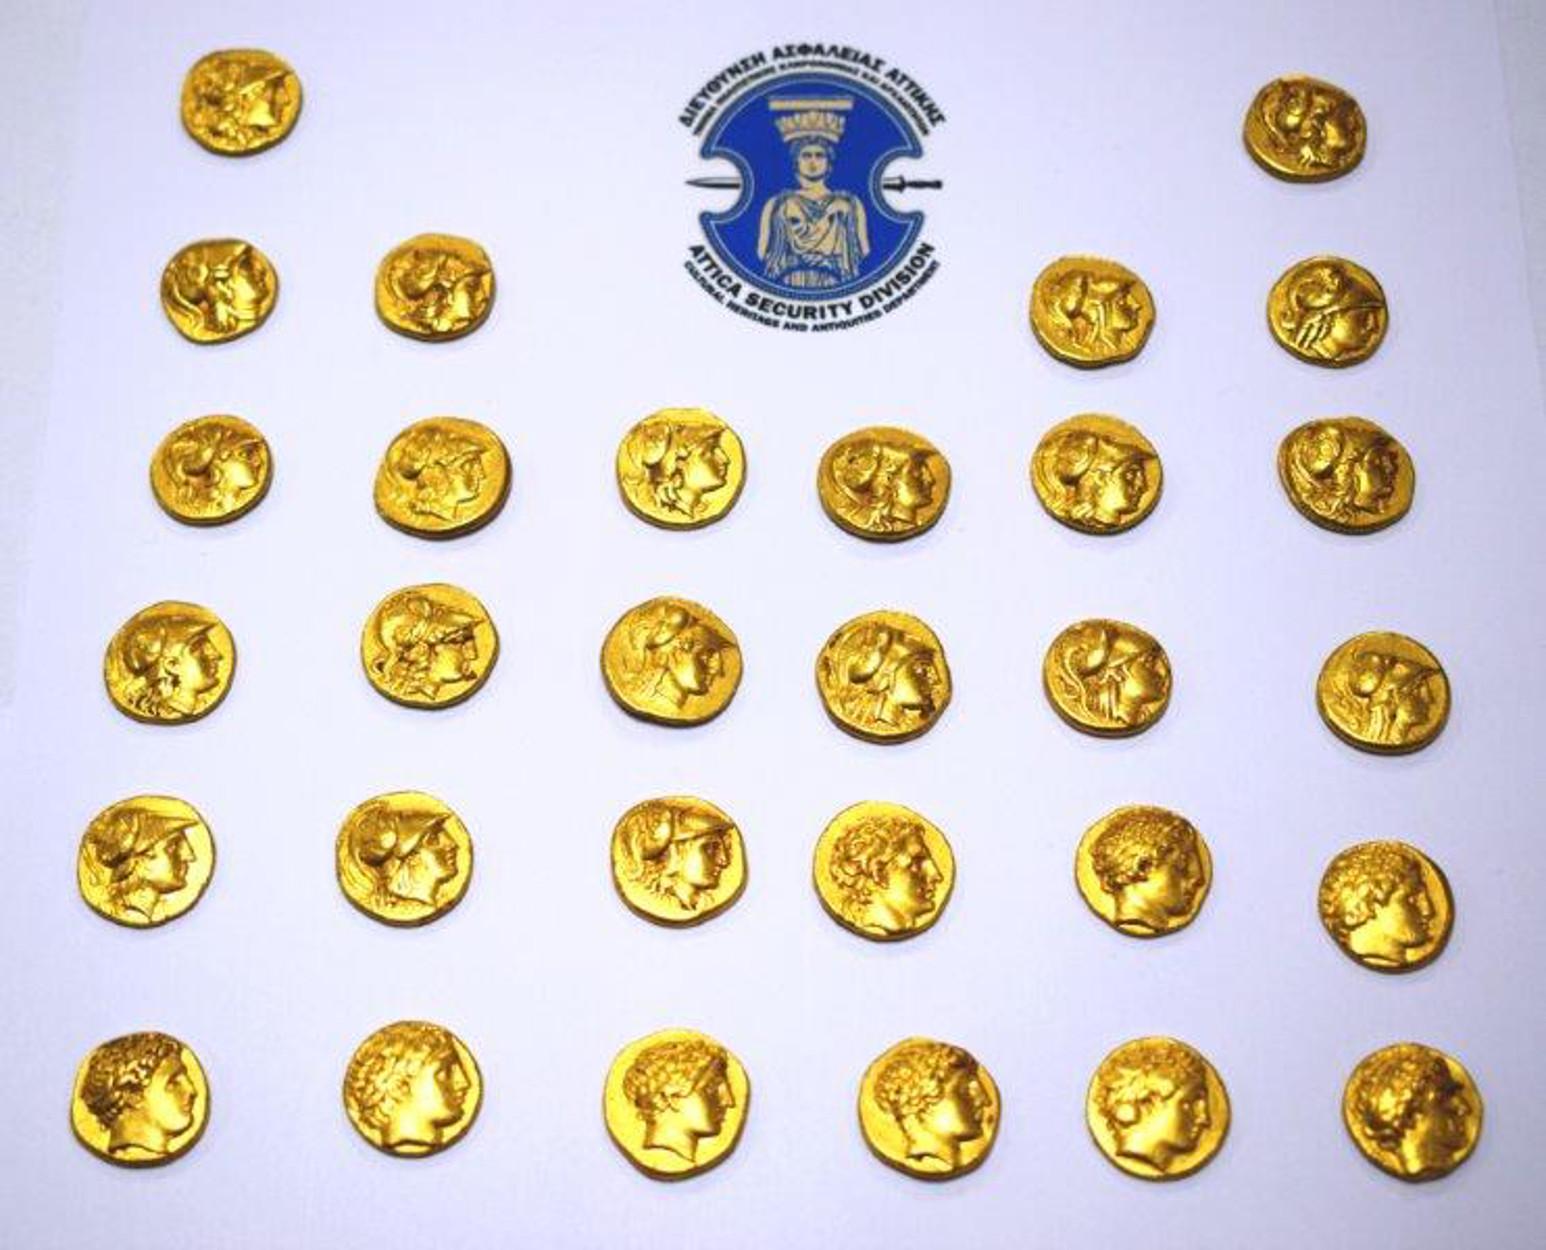 """Αργολίδα: Αρχαιοκάπηλοι θα """"σκότωναν"""" αρχαία νομίσματα για 150.000 ευρώ! [pics]"""